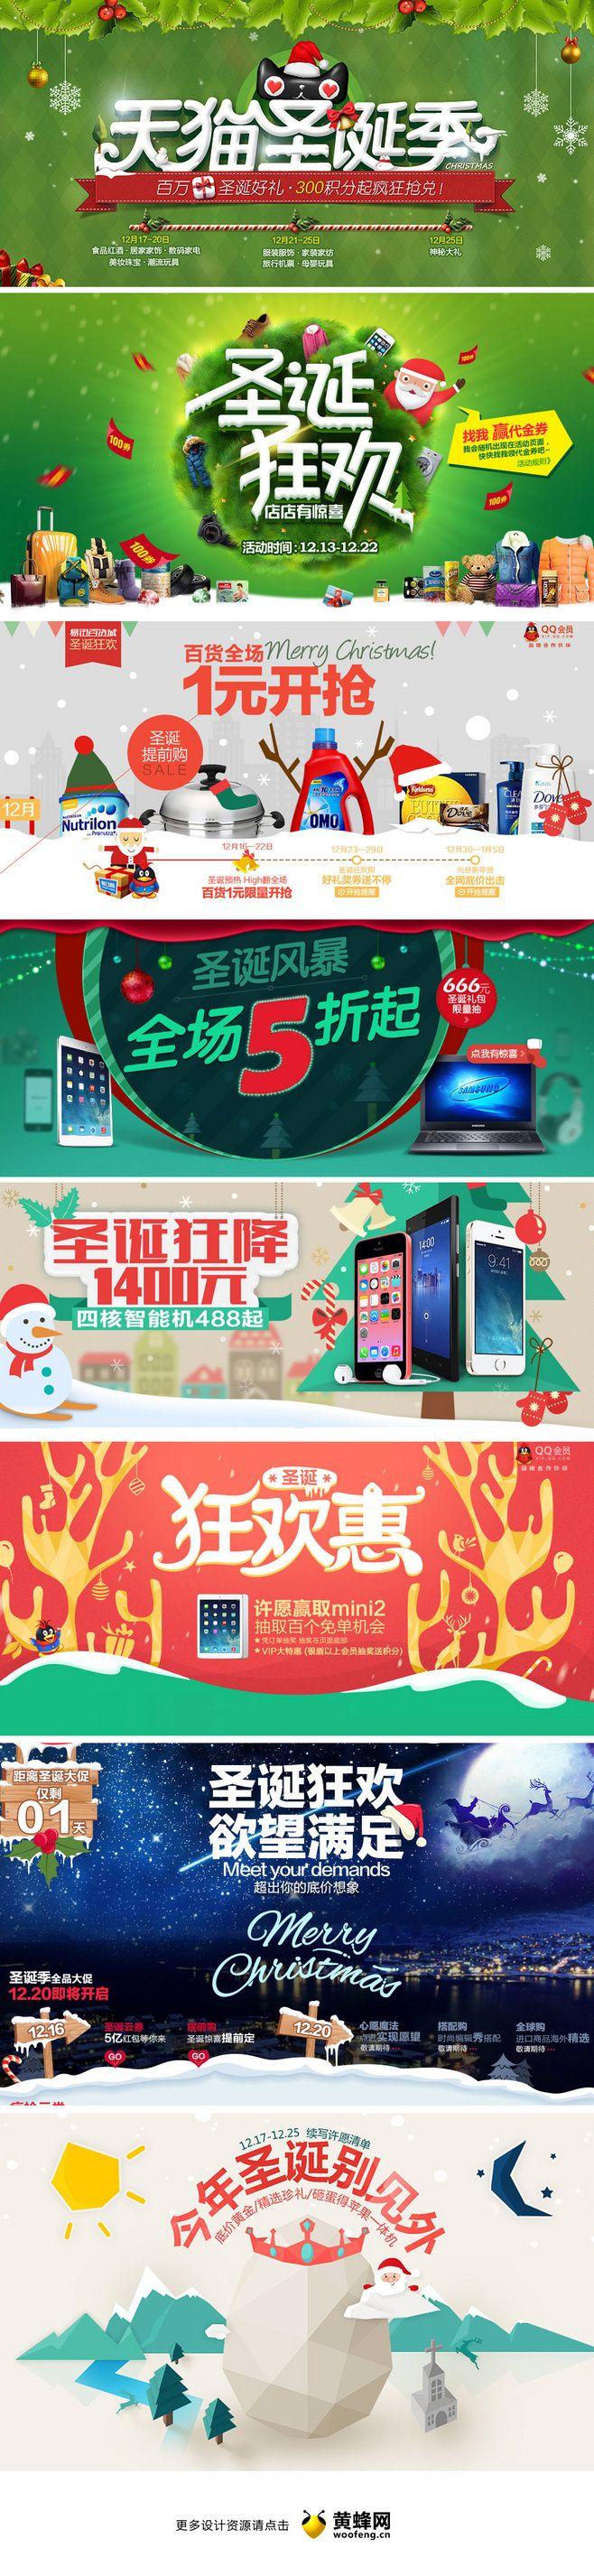 圣诞节头图banner设计,来源自黄蜂网...